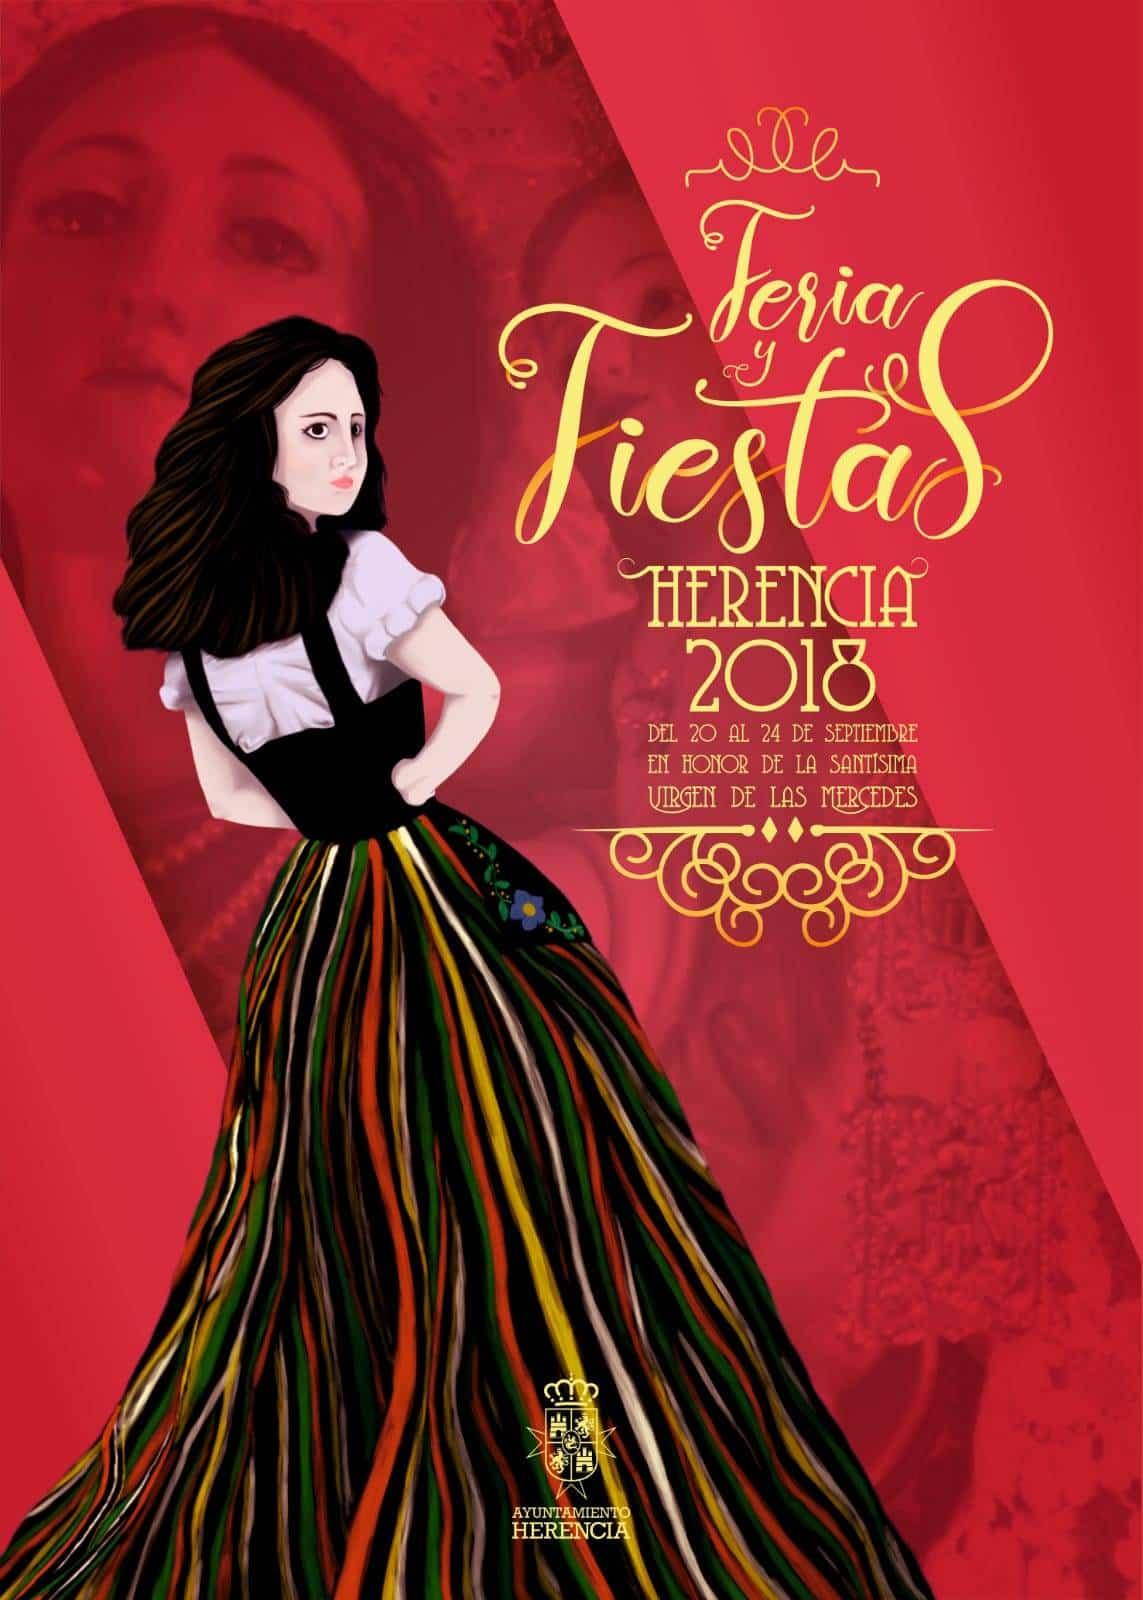 portada libro feria fiestas 2018 herencia - Programación de Feria y Fiestas de Herencia 2018